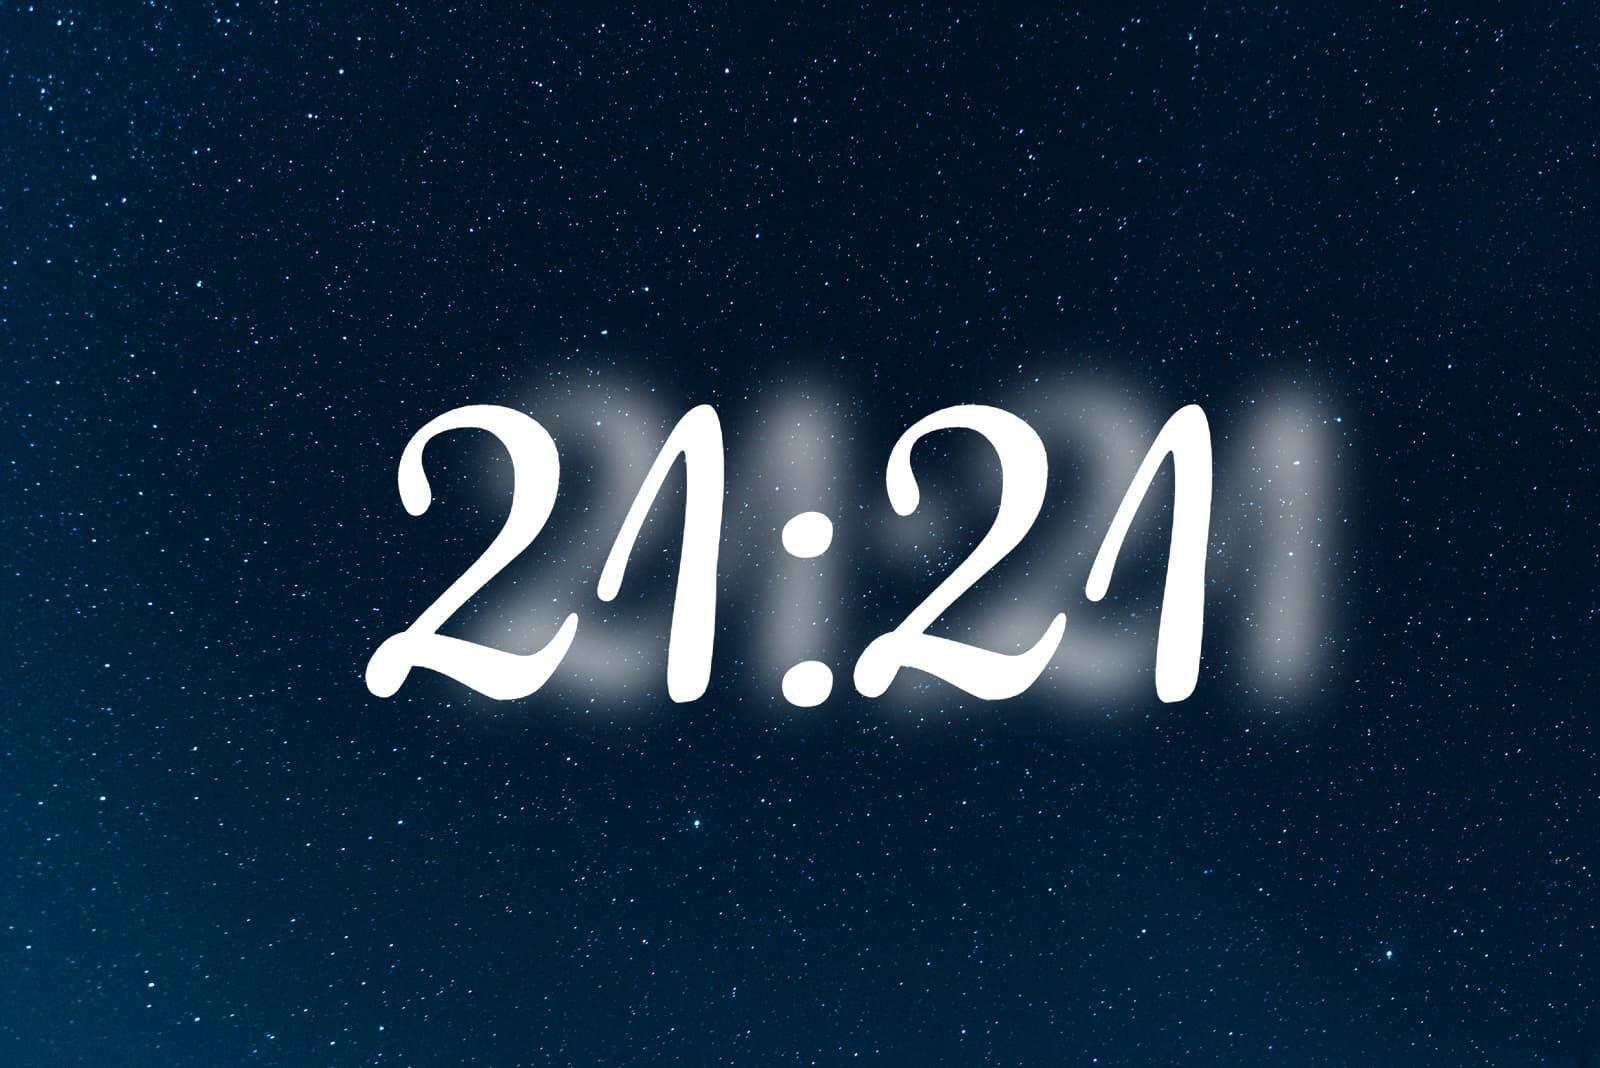 21.21 Saat Anlamı Nedir? 21.21 Çift Saatlerin Anlamı Nasıl Yorumlanır?